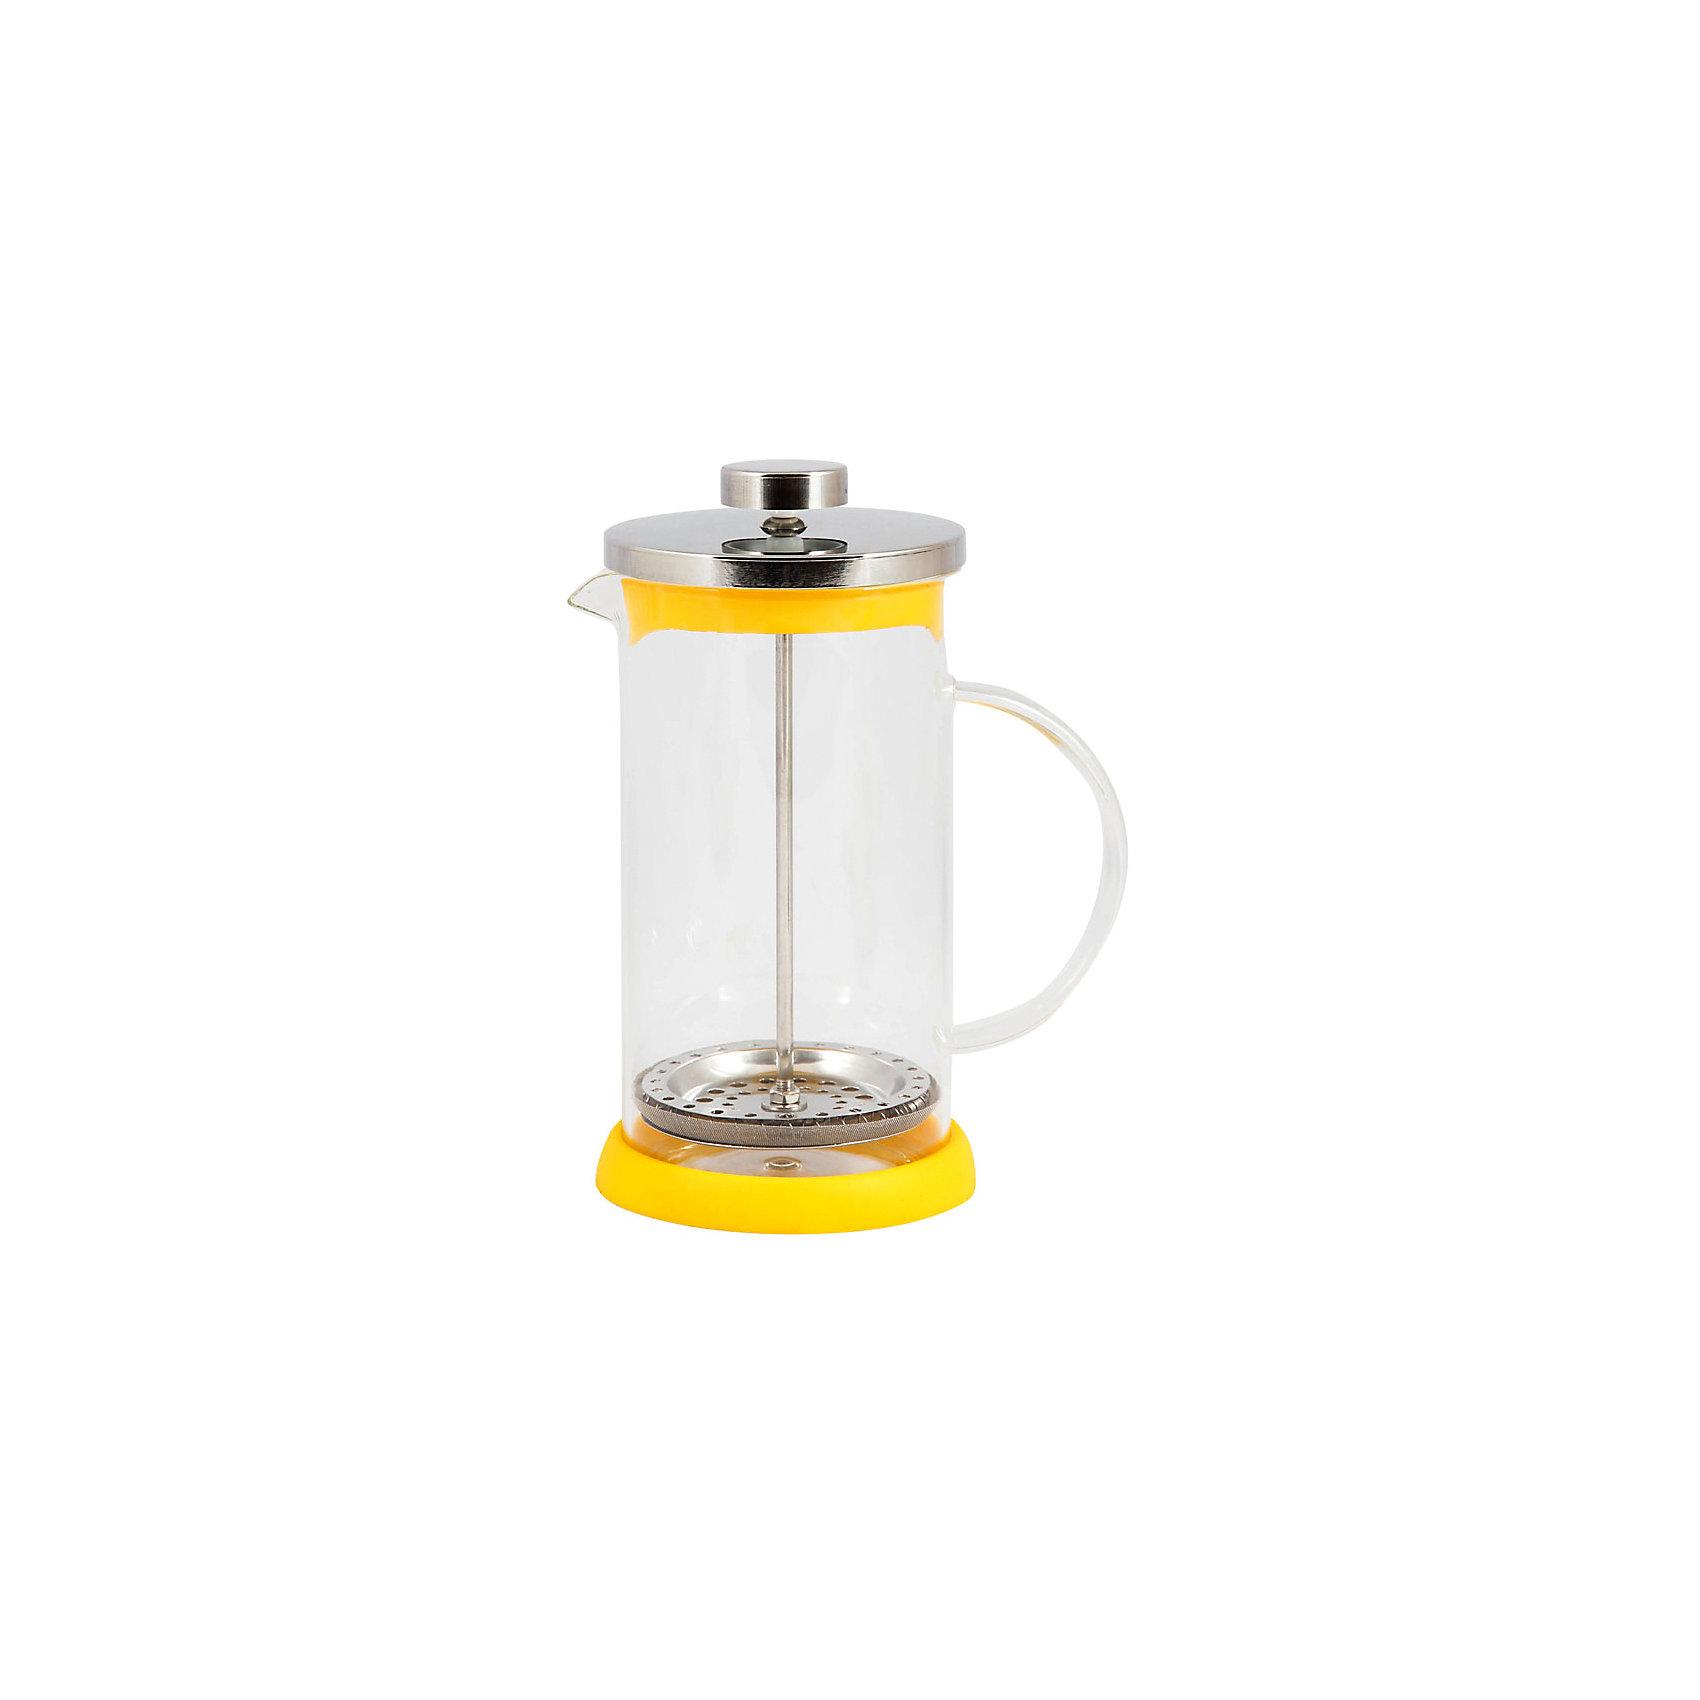 Кофе-пресс стеклянный GFP01-600ML-Y, Mallony, жёлтыйБытовая техника для кухни<br>Заварить чай или подать кофе – кофе-пресс Mallony поможет в этом. Прозрачная стеклянная колба дает возможность увидеть насыщенный цвет чая, рассмотреть, как раскрываются чайные листья, набухают и отдают свой цвет, наполняя кухню ароматом свежеприготовленного напитка. После того, как чай настоится, специальный пресс опускается, листья плотно прижимаются ко дну чайника, чаинки не попадают в чашку.<br><br>Дополнительная информация:<br><br>Высота чайника: 19,3 см<br>Объем: 600 мл<br><br>Материал: стекло, нержавеющая сталь, силикон, пластик.<br><br>Упаковка: цветная индивидуальная коробка.<br><br>Кофе-пресс стеклянный GFP01-600ML-Y, Mallony, жёлтый можно купить в нашем интернет-магазине.<br><br>Ширина мм: 145<br>Глубина мм: 100<br>Высота мм: 186<br>Вес г: 463<br>Возраст от месяцев: 216<br>Возраст до месяцев: 1080<br>Пол: Унисекс<br>Возраст: Детский<br>SKU: 4989861